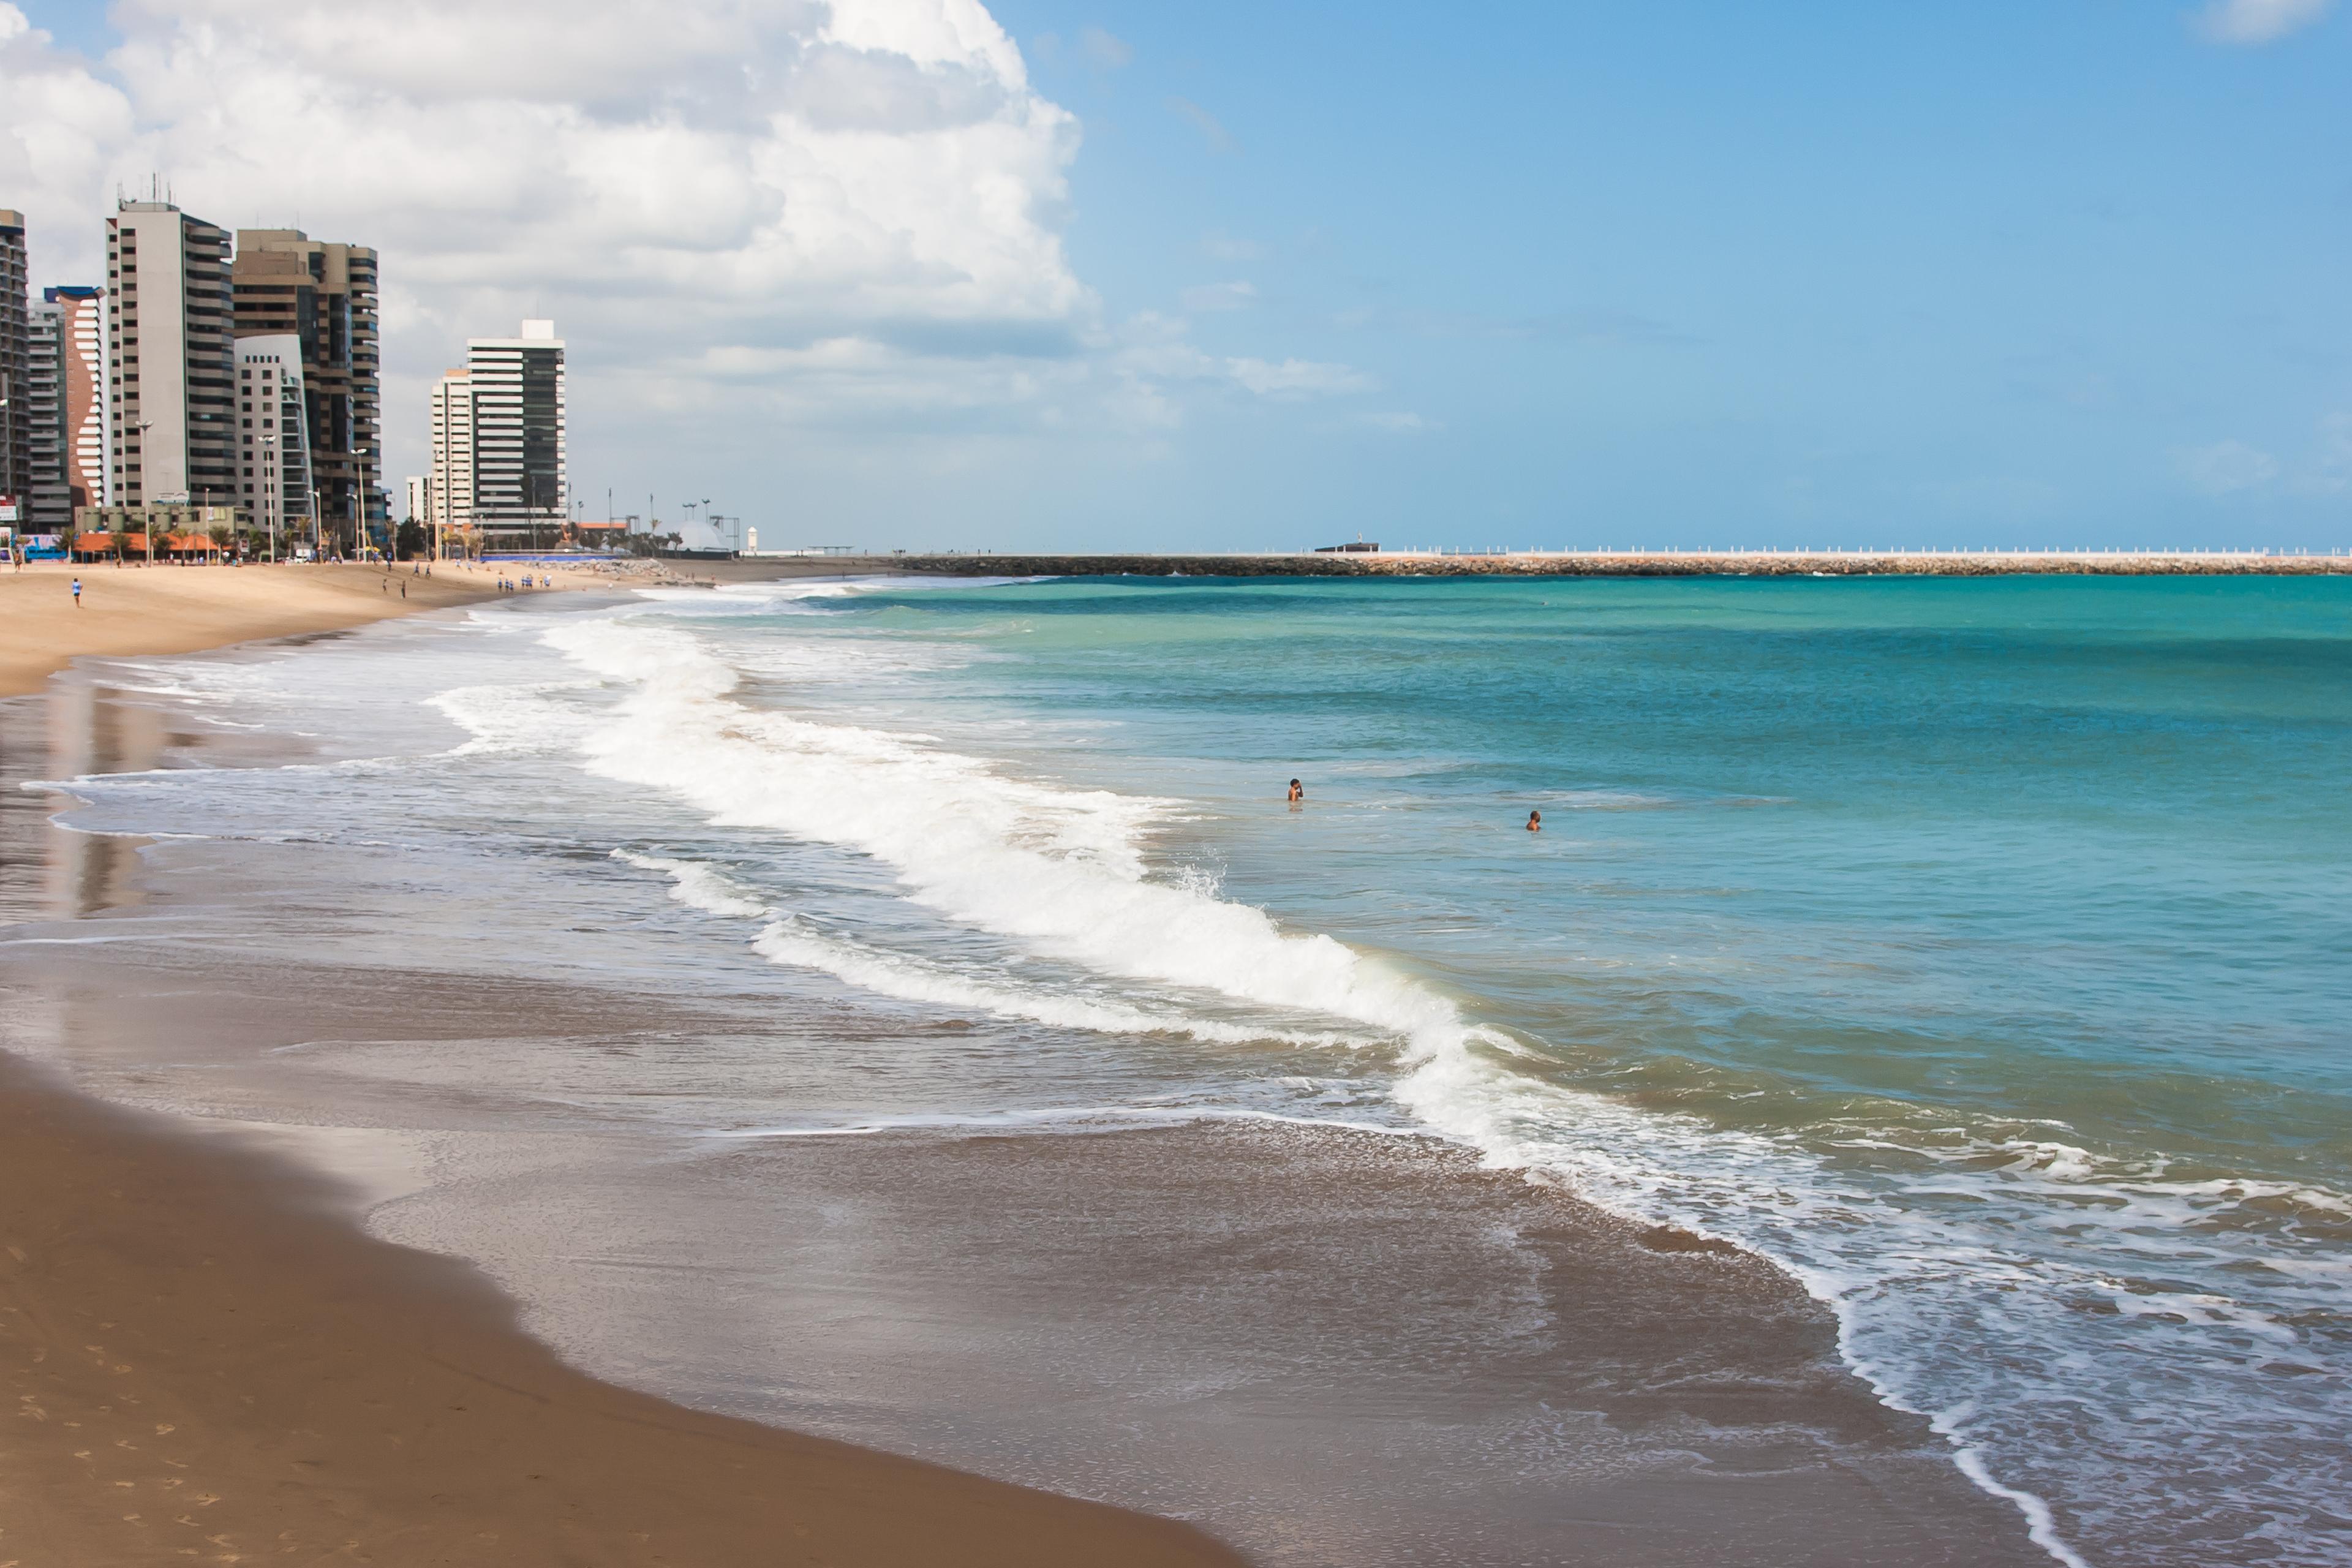 Unifor mobiliza voluntários para limpeza de praias em março